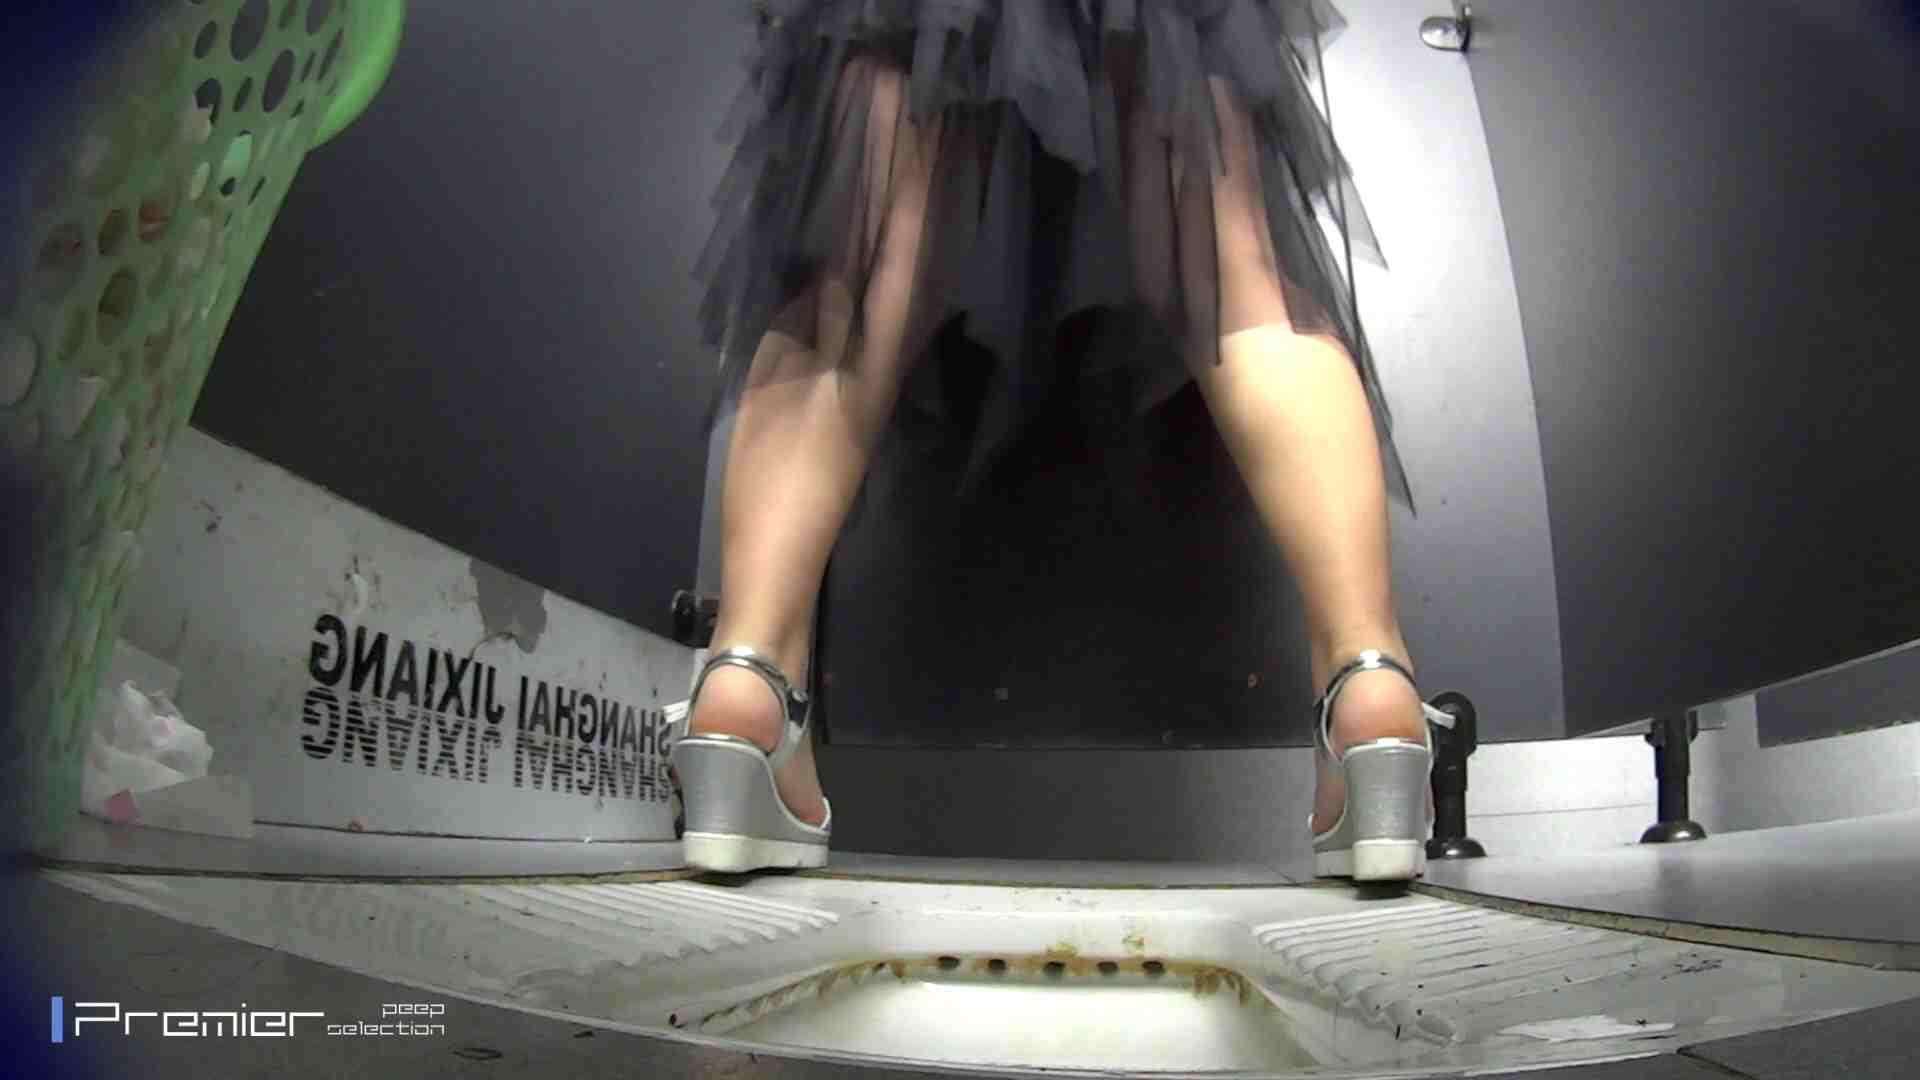 滴り落ちる聖水 大学休憩時間の洗面所事情42 美女 オマンコ動画キャプチャ 66画像 65